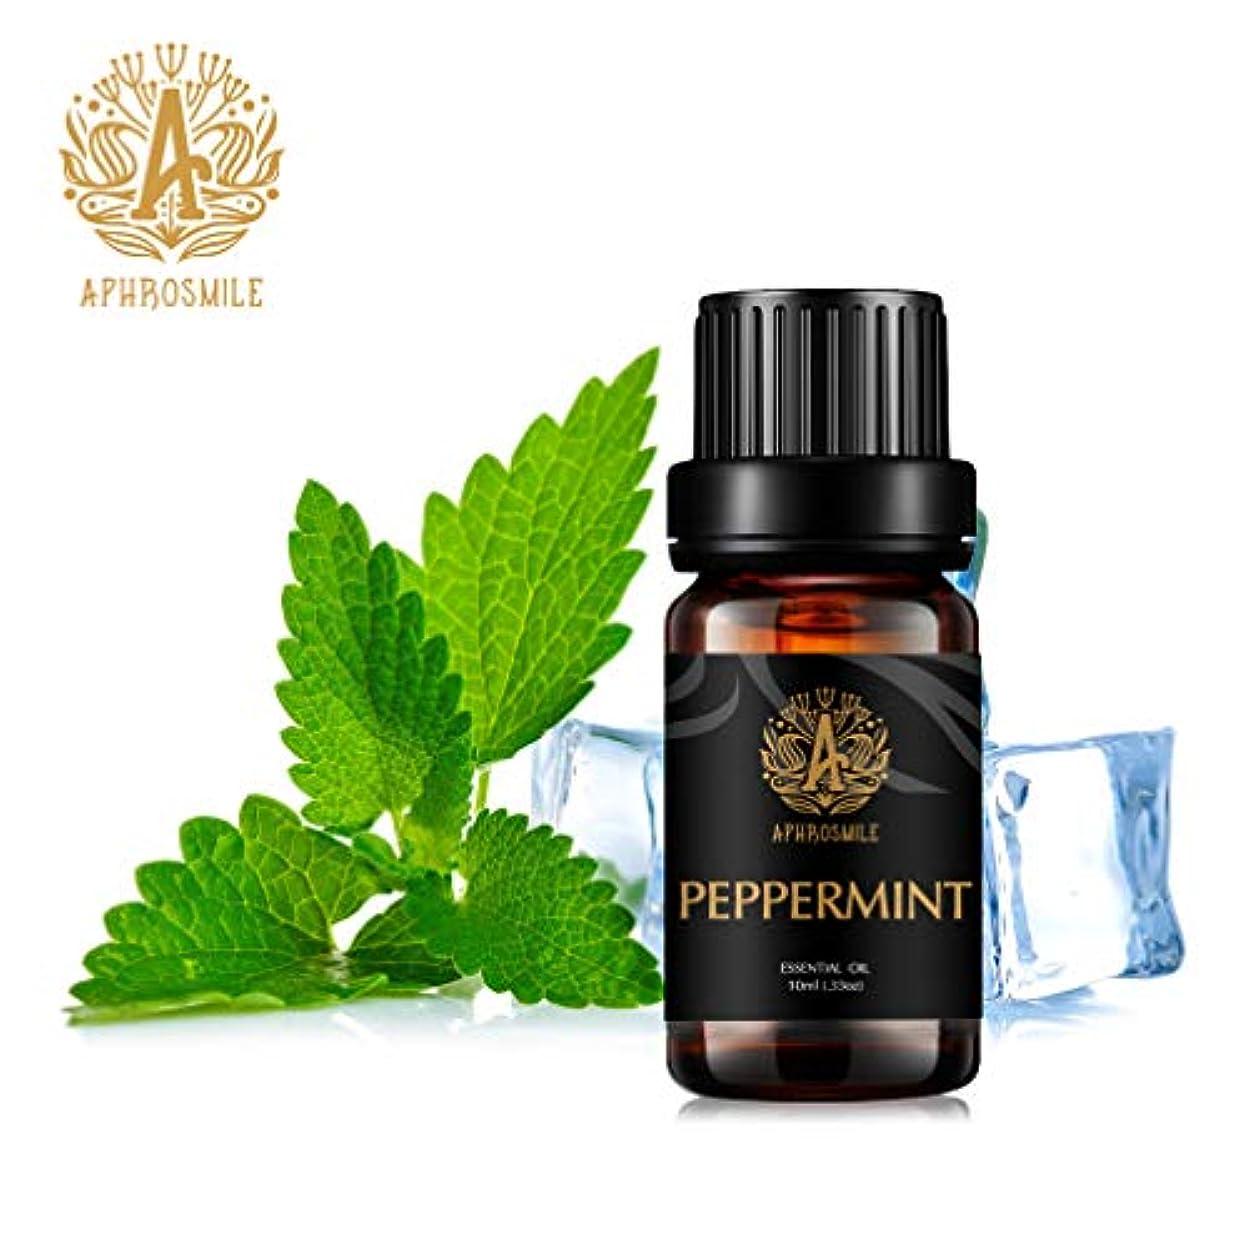 ステッチ格差鰐ペパーミントの精油、100%純粋なアロマセラピーエッセンシャルオイルペパーミントの香り、明確な思考と、治療用グレードエッセンシャルオイルペパーミントの香り為にディフューザー、マッサージ、加湿器、デイリーケア、0.33オンス...